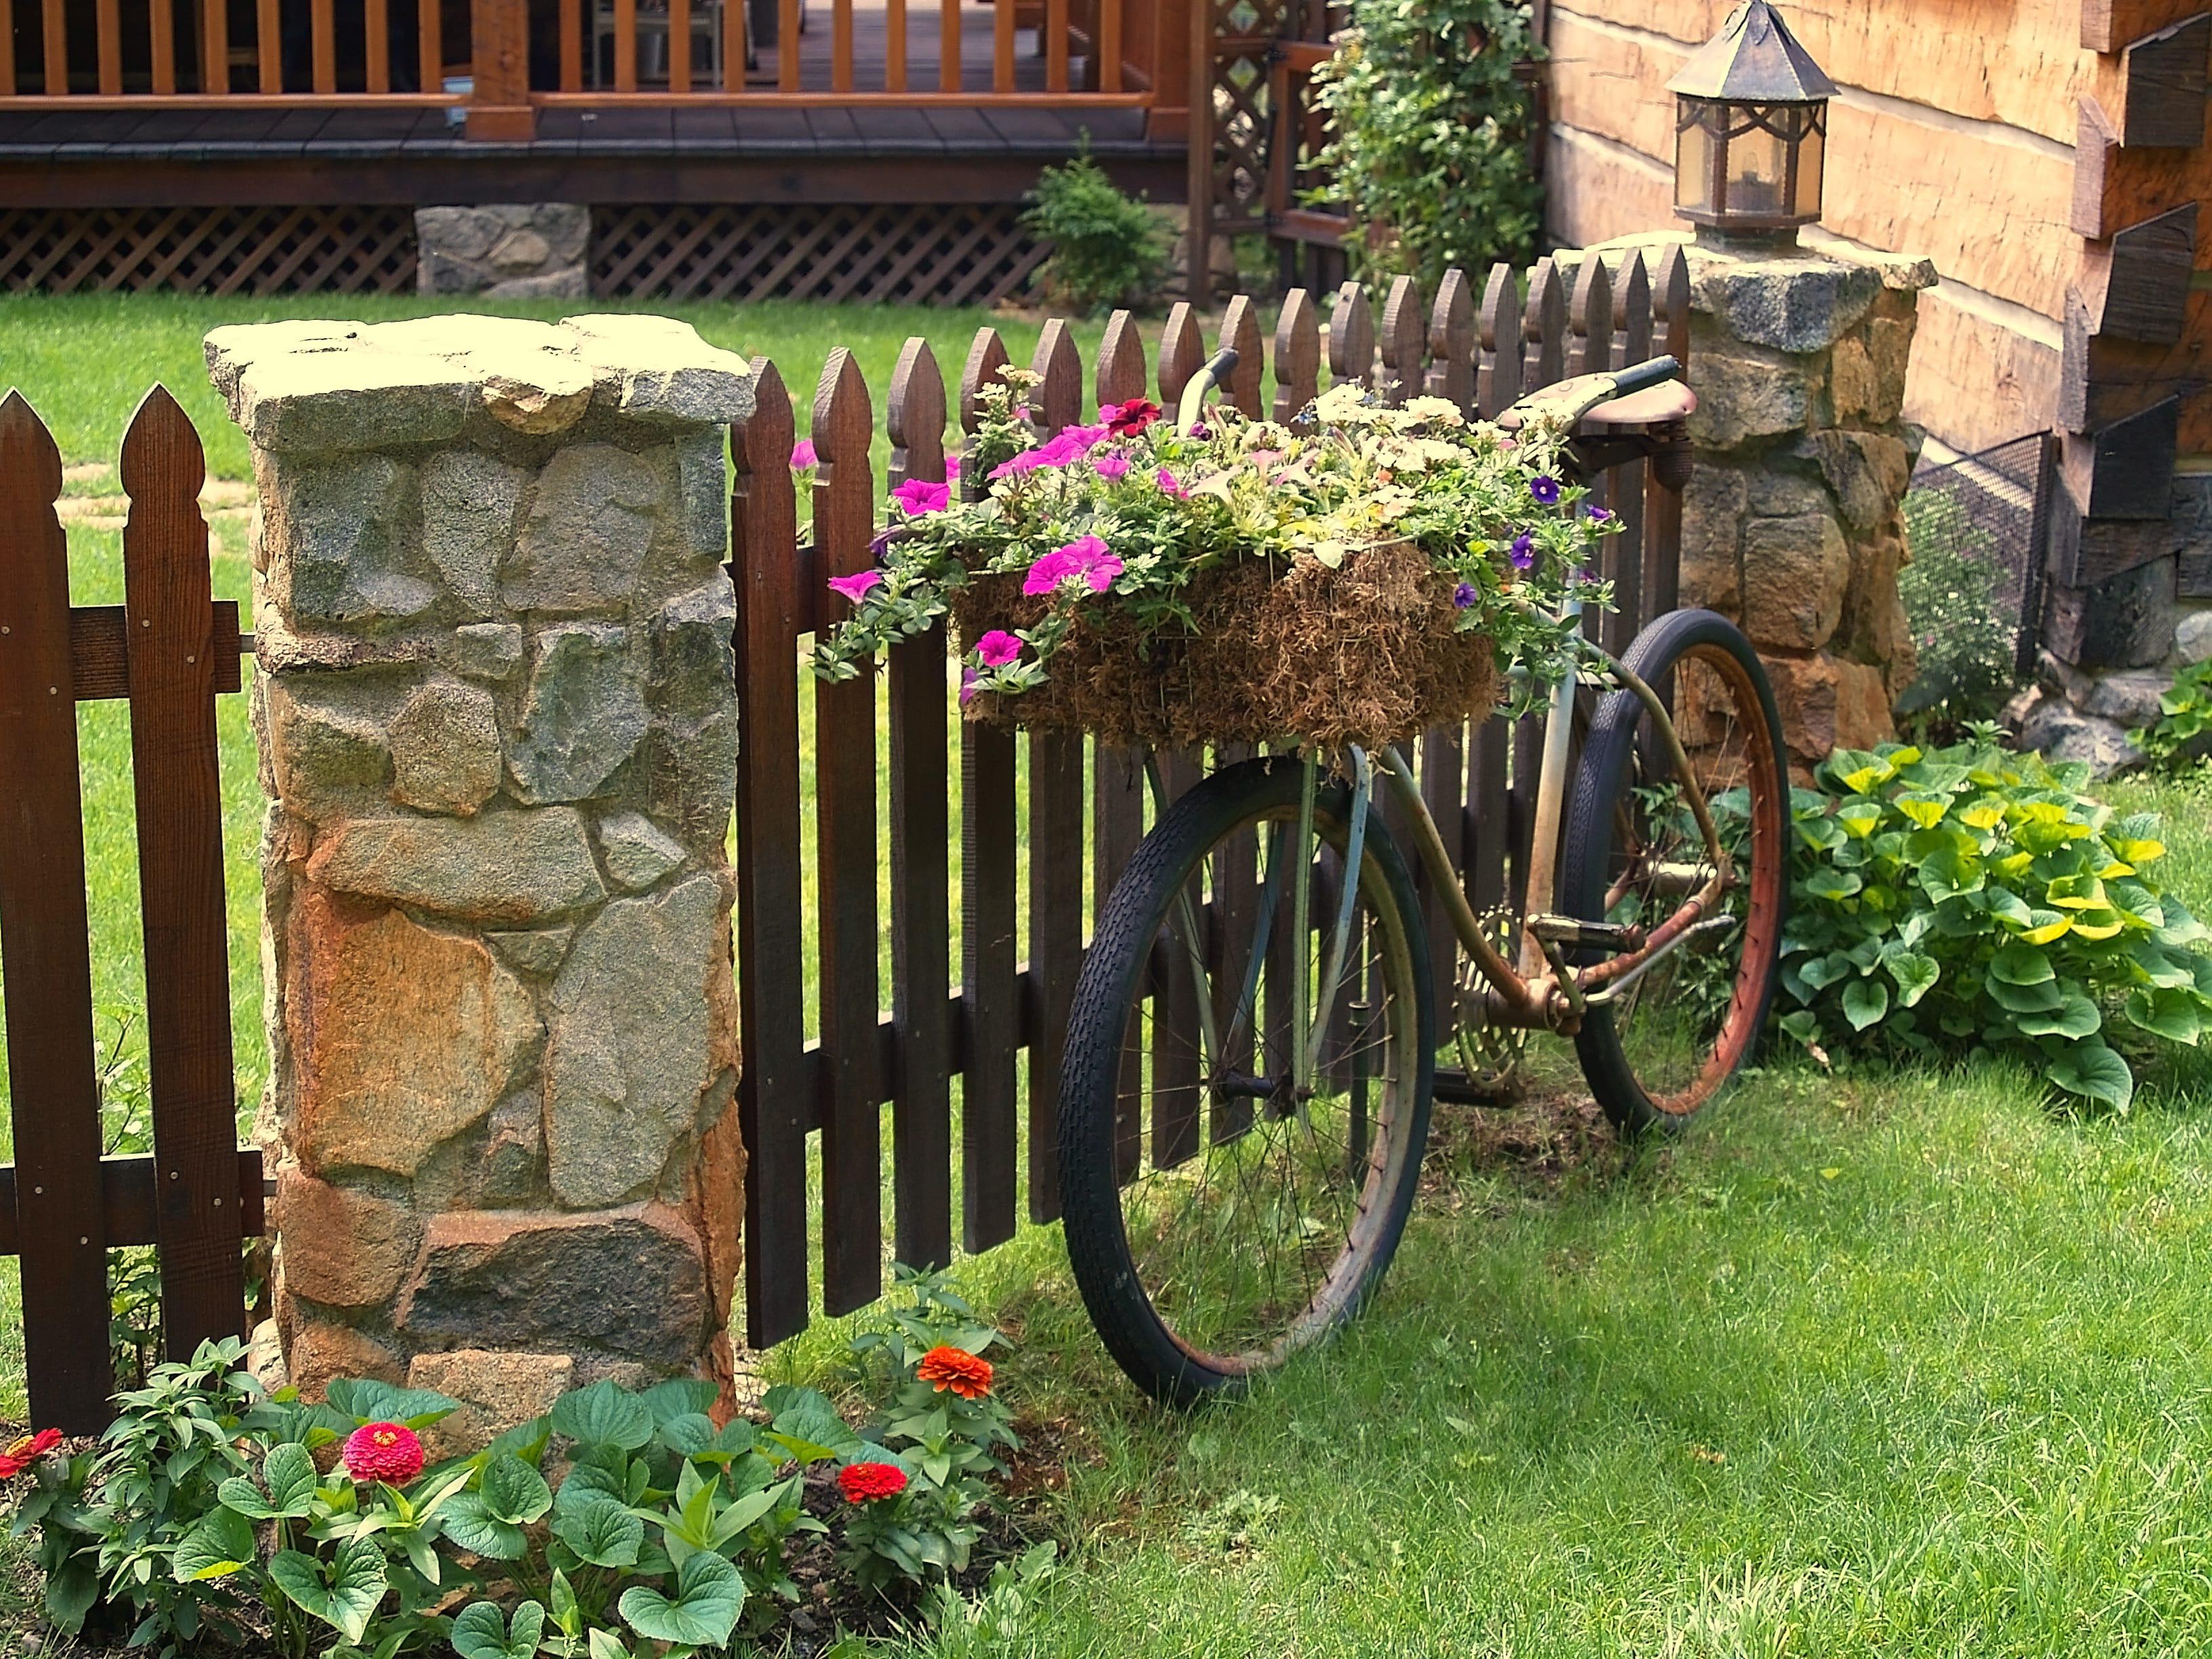 Giardino ecosostenibile e contro gli sprechi 5 consigli - Idee per creare un giardino ...